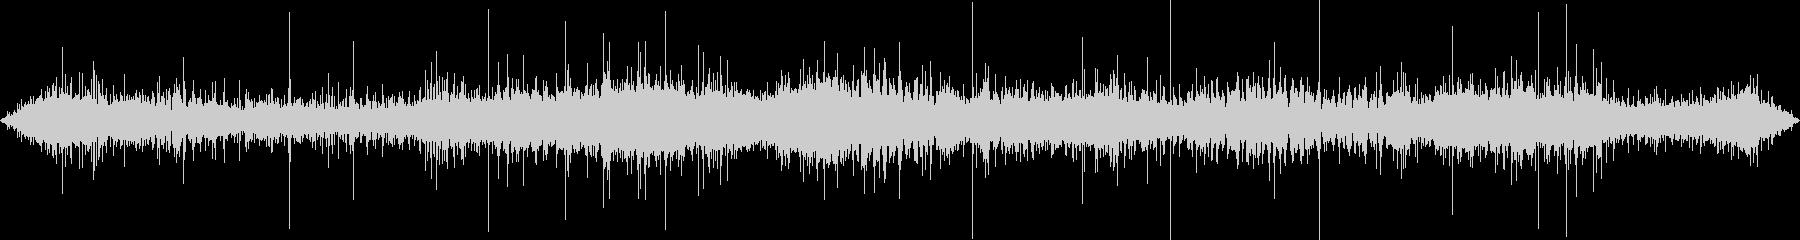 ジューー(炒める音)の未再生の波形